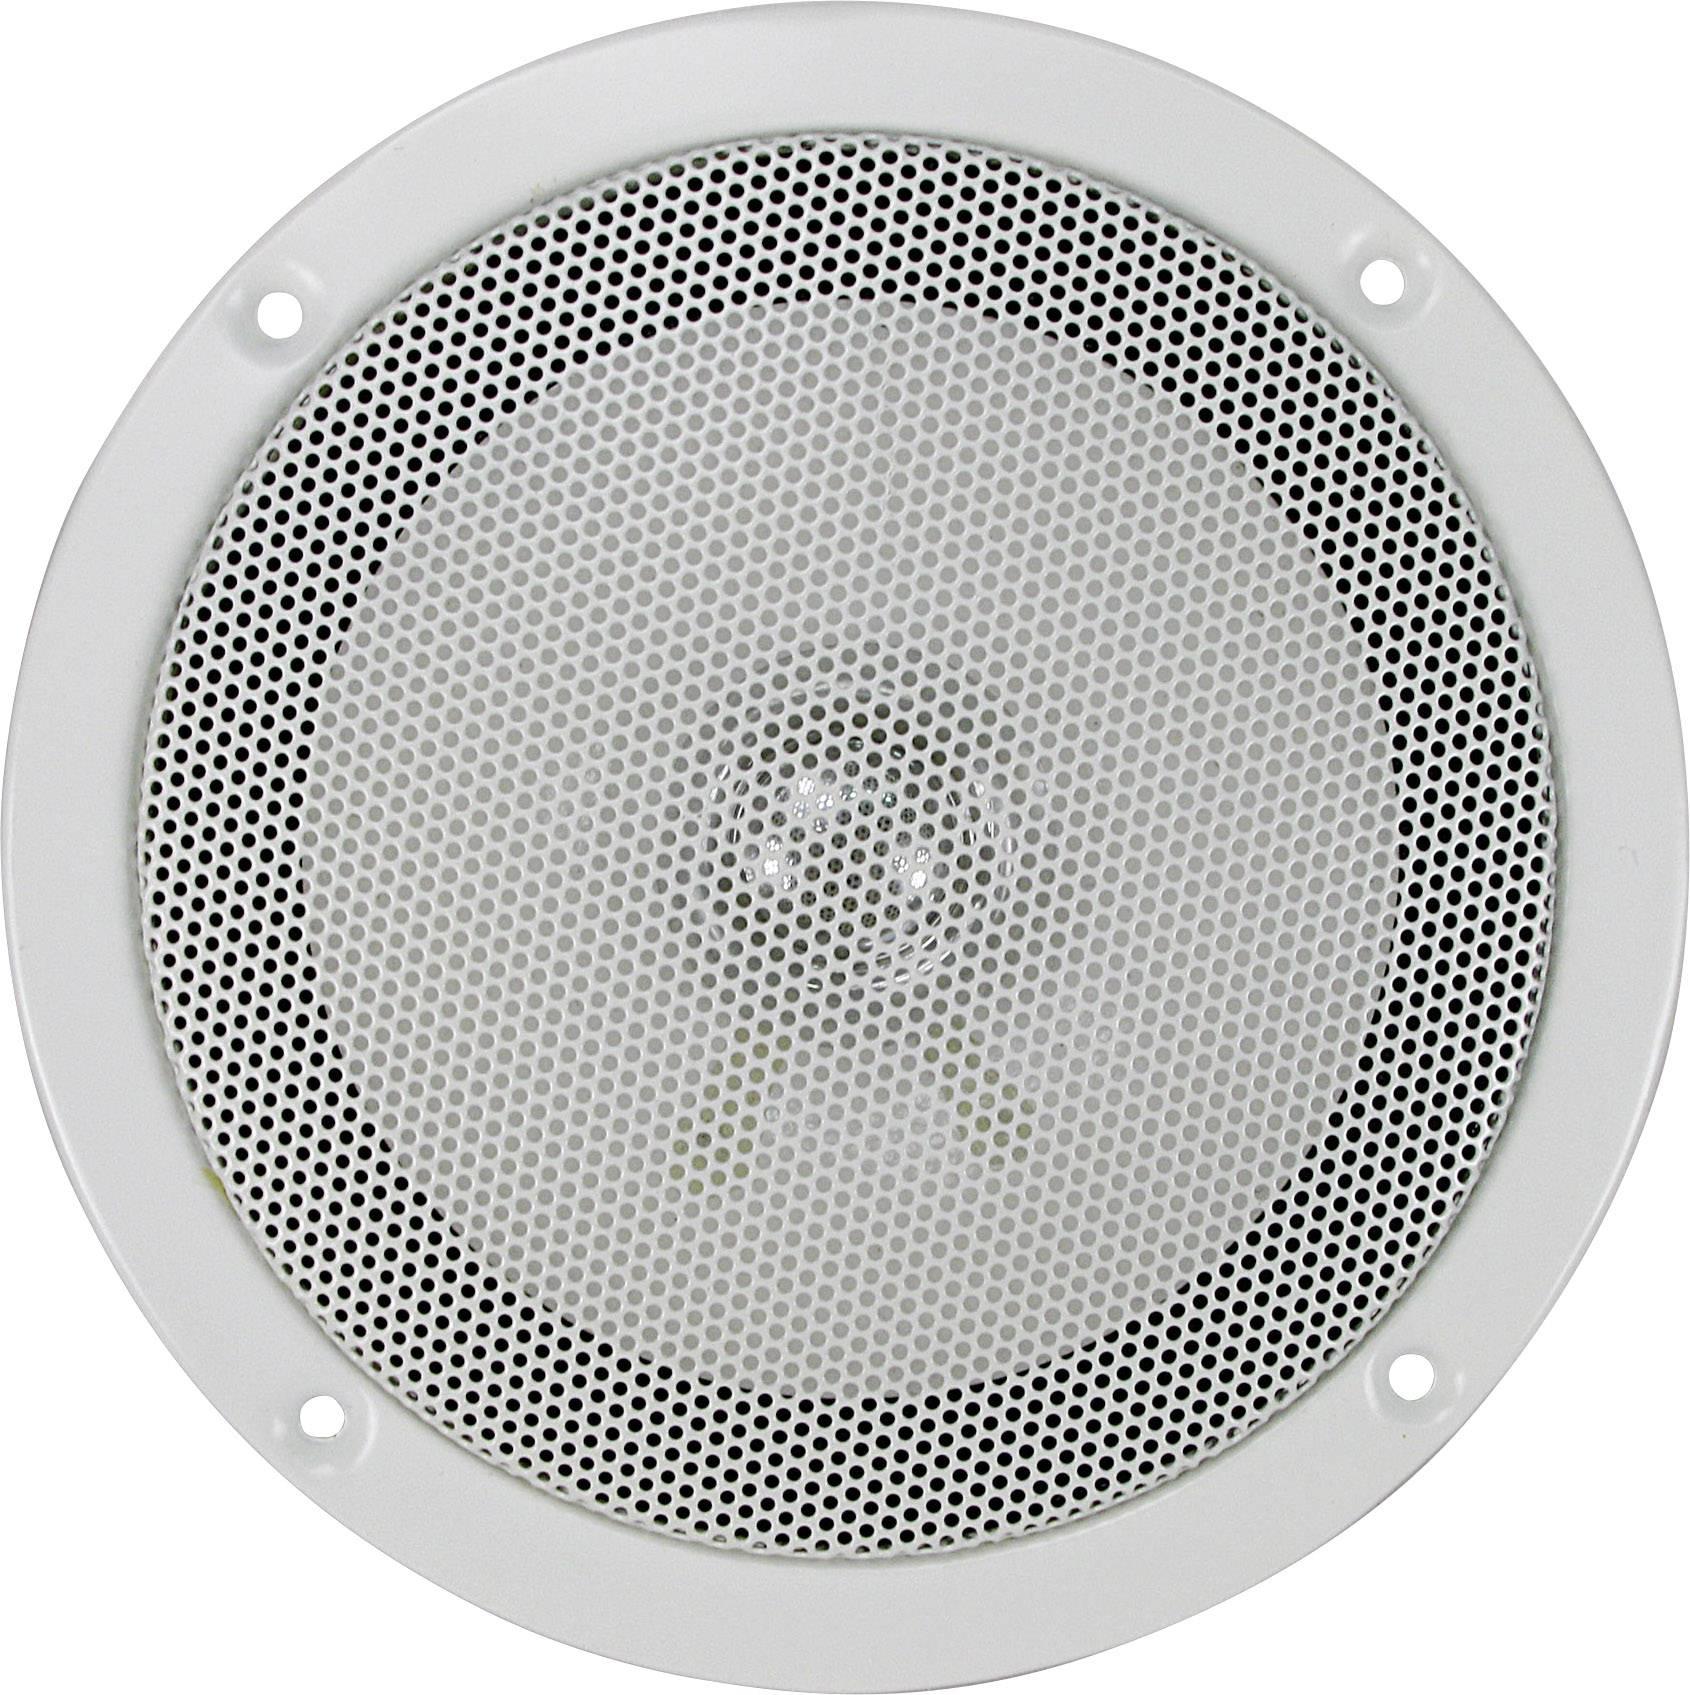 Zabudovateľný reproduktor Renkforce SPE-150 30 W 4 Ohm biela 1 ks